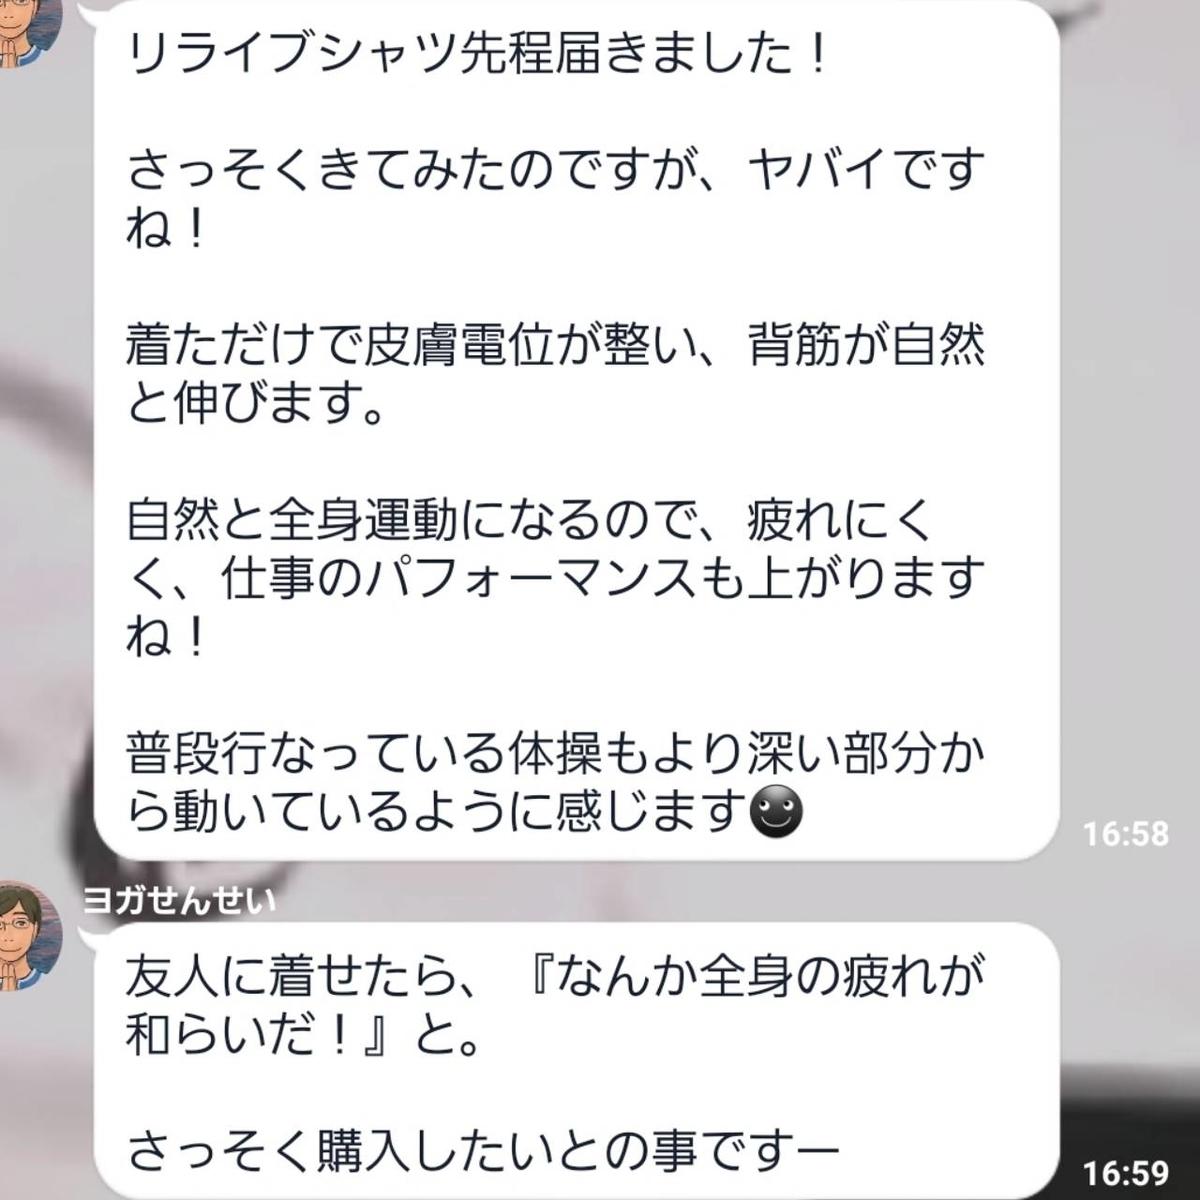 f:id:makoto_taira:20191105101449j:plain